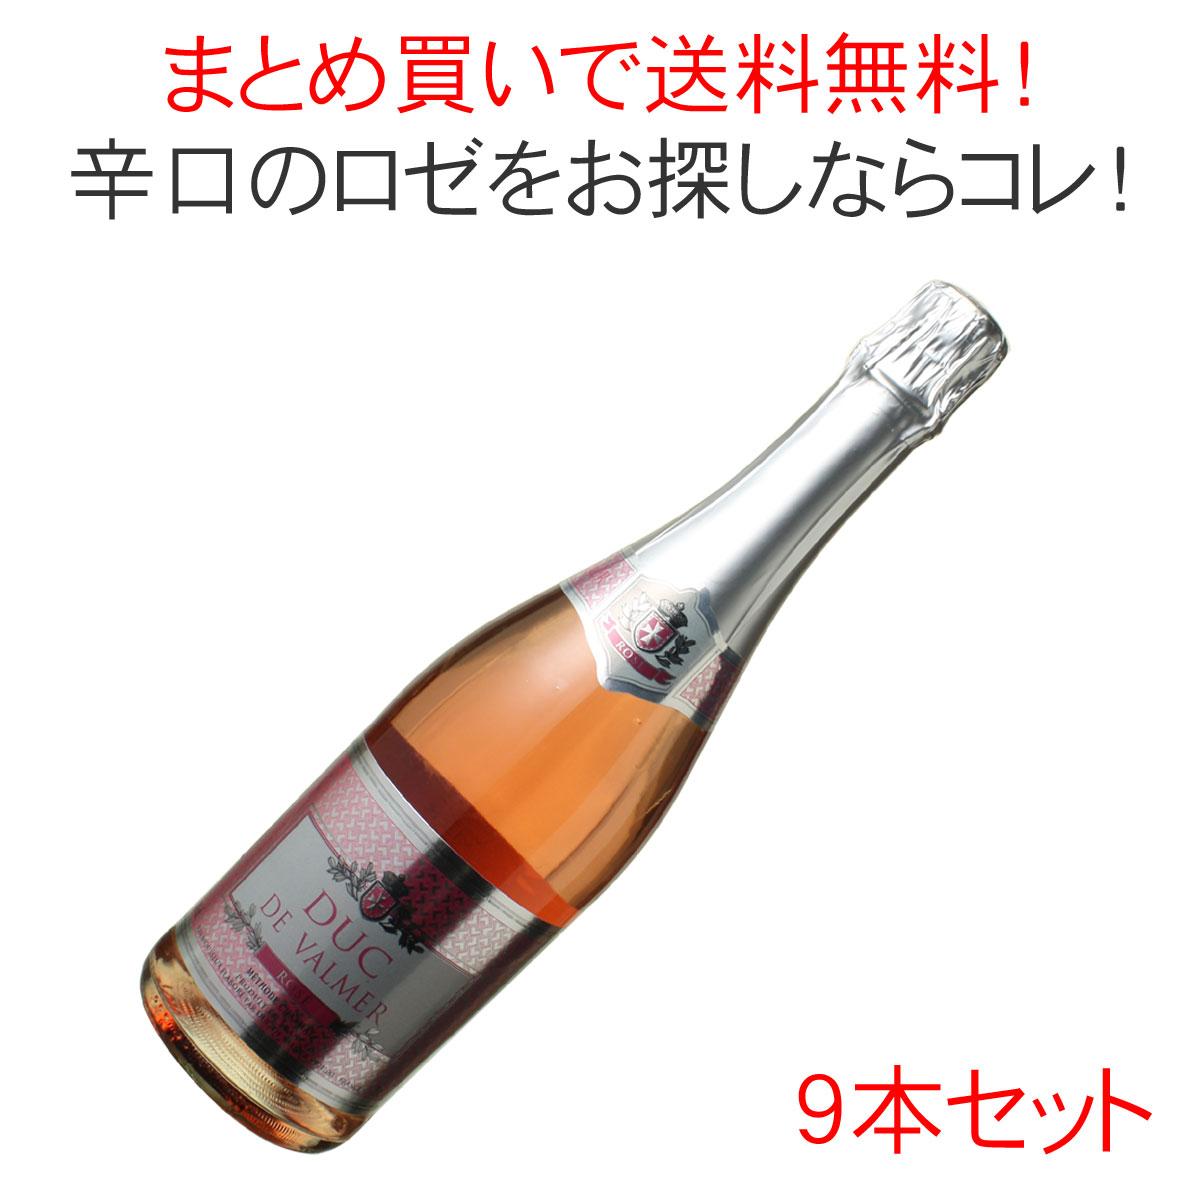 【送料無料】ブリュット ロゼ NV デュック・ド・ヴァルメール 1ケース9本セット <ロゼ> <ワイン/スパークリング>